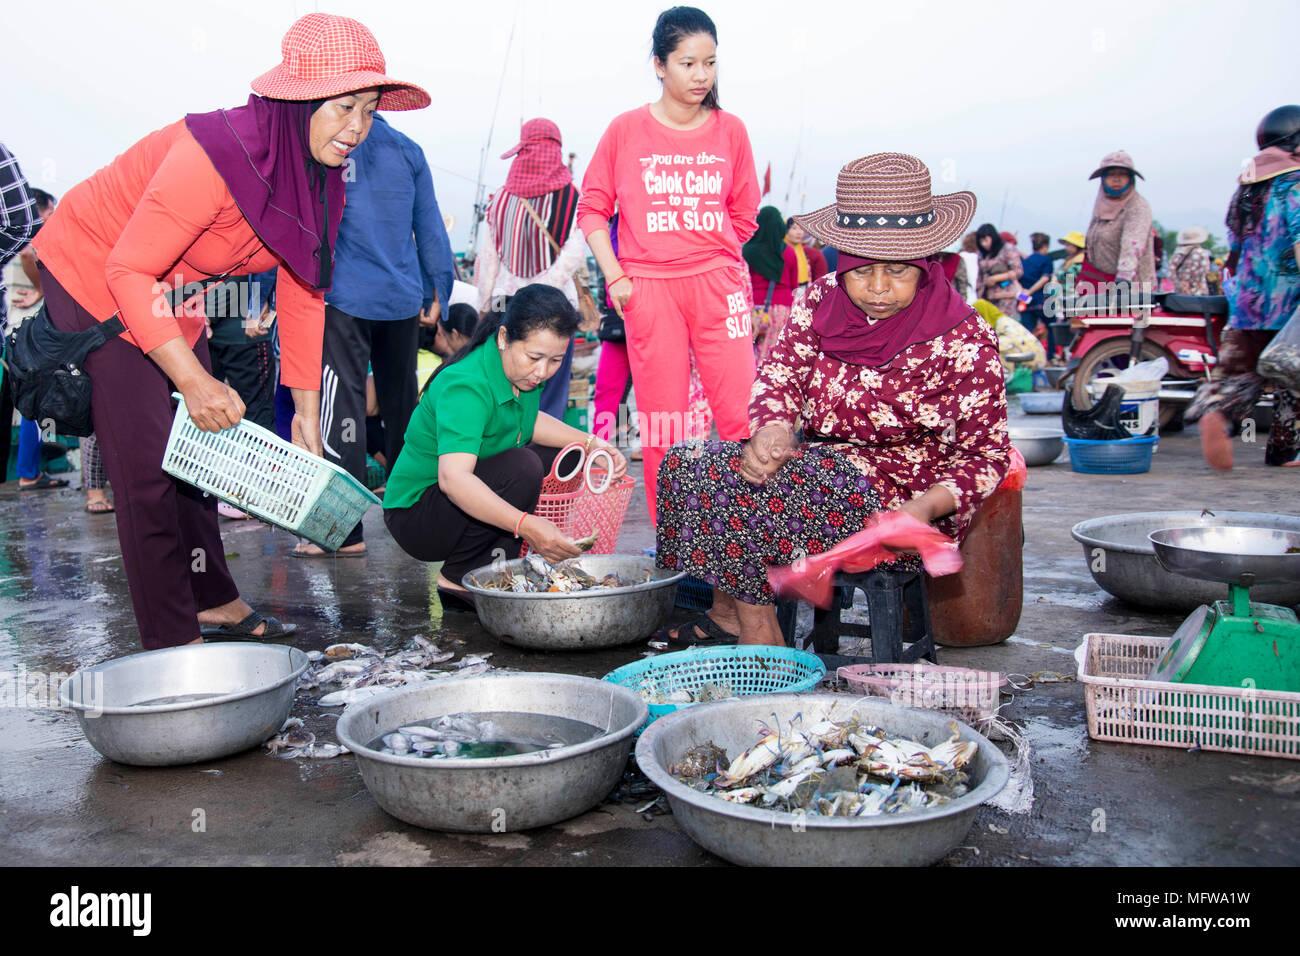 El mercado del pescado en Kampot, Camboya Foto de stock